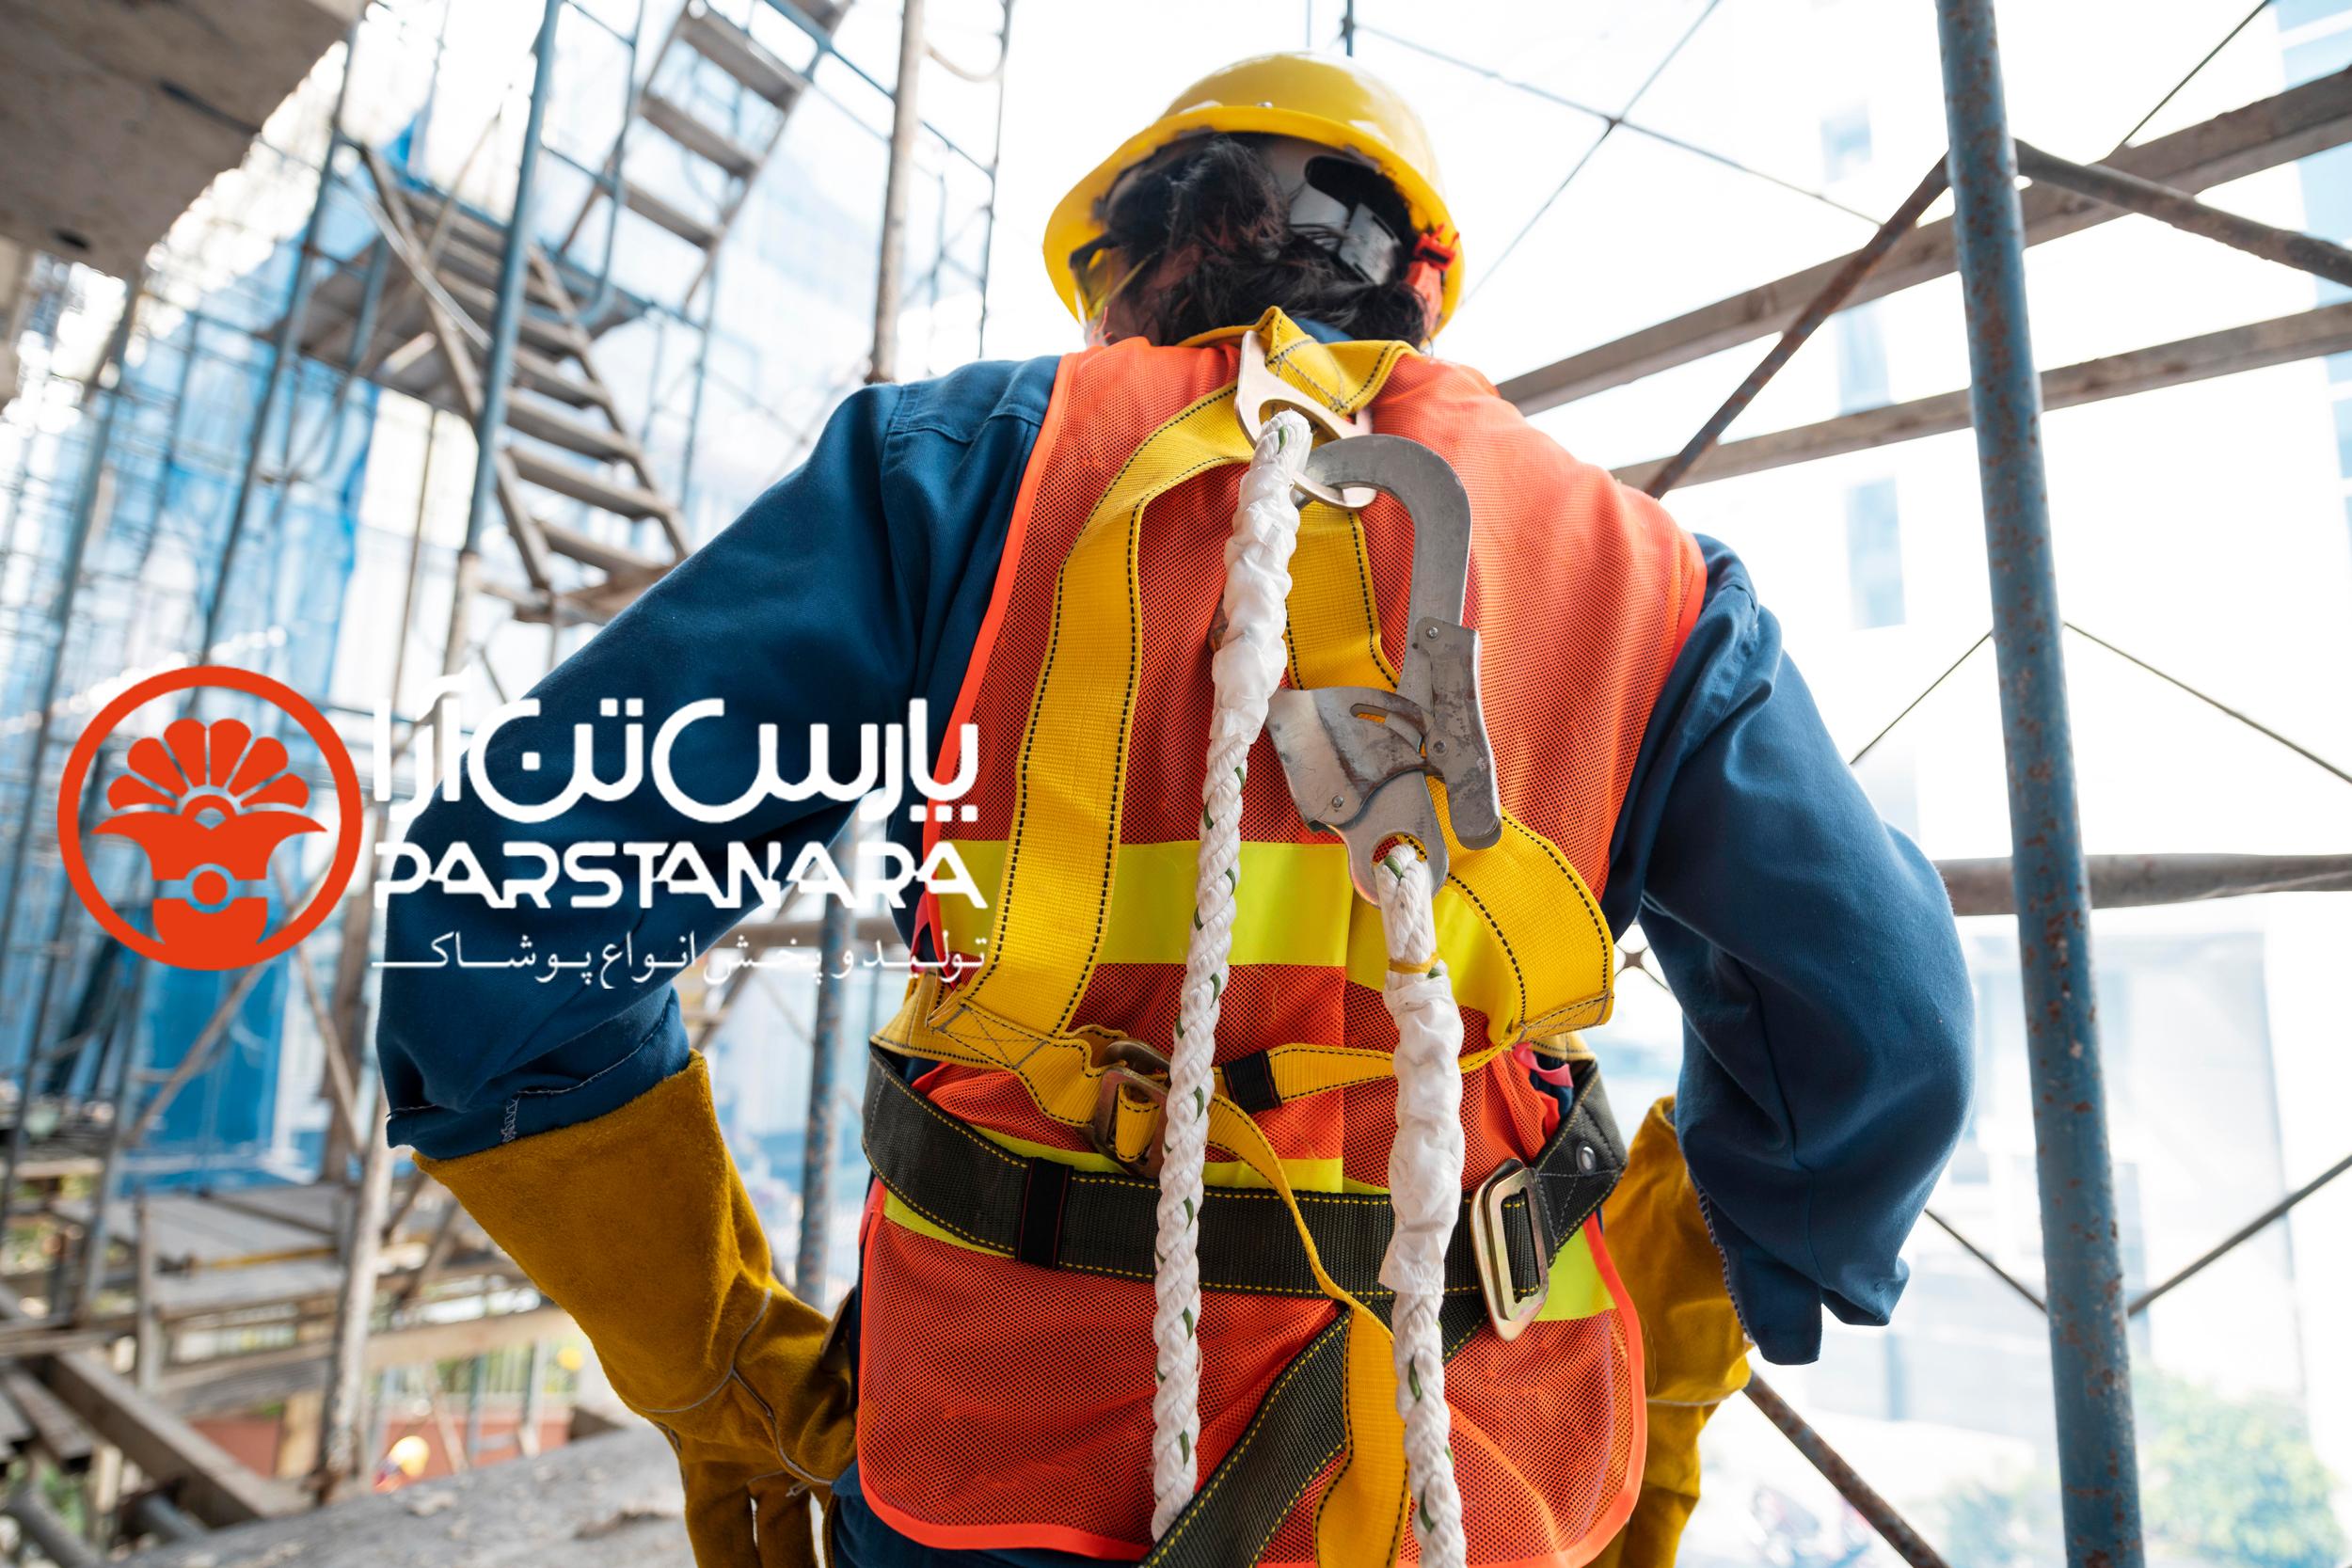 آشنایی با خطرات محیط کار و نحوه ی جلوگیری از آن ها